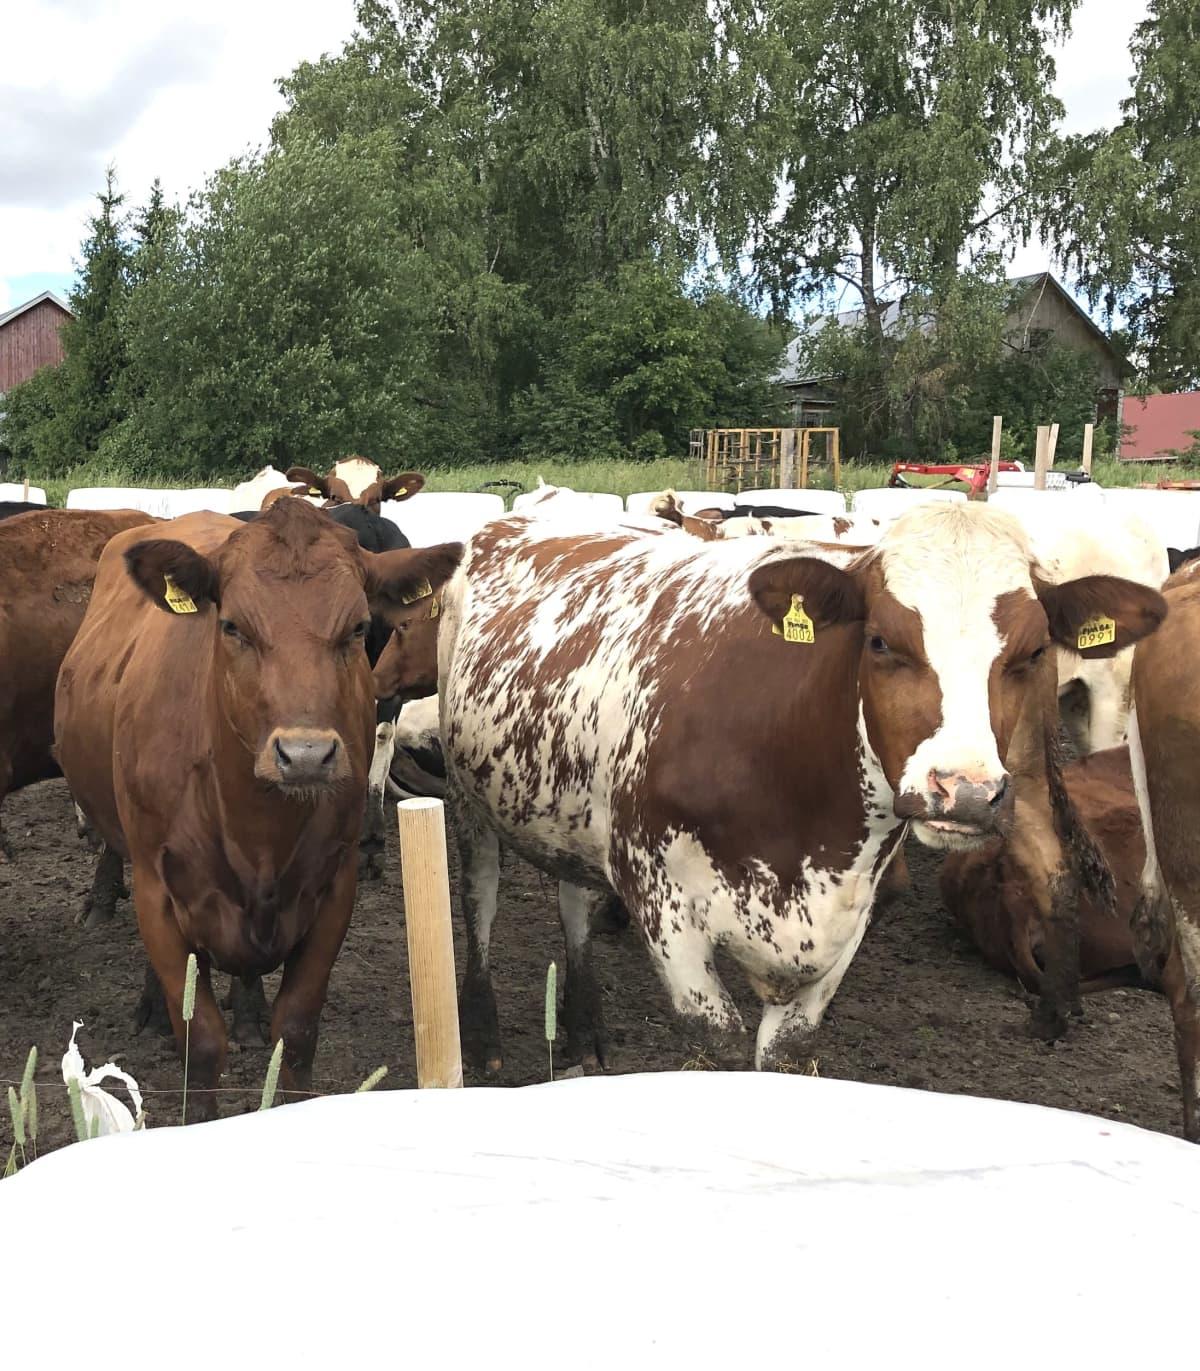 Kaksi lehmää katsoo kameraan.